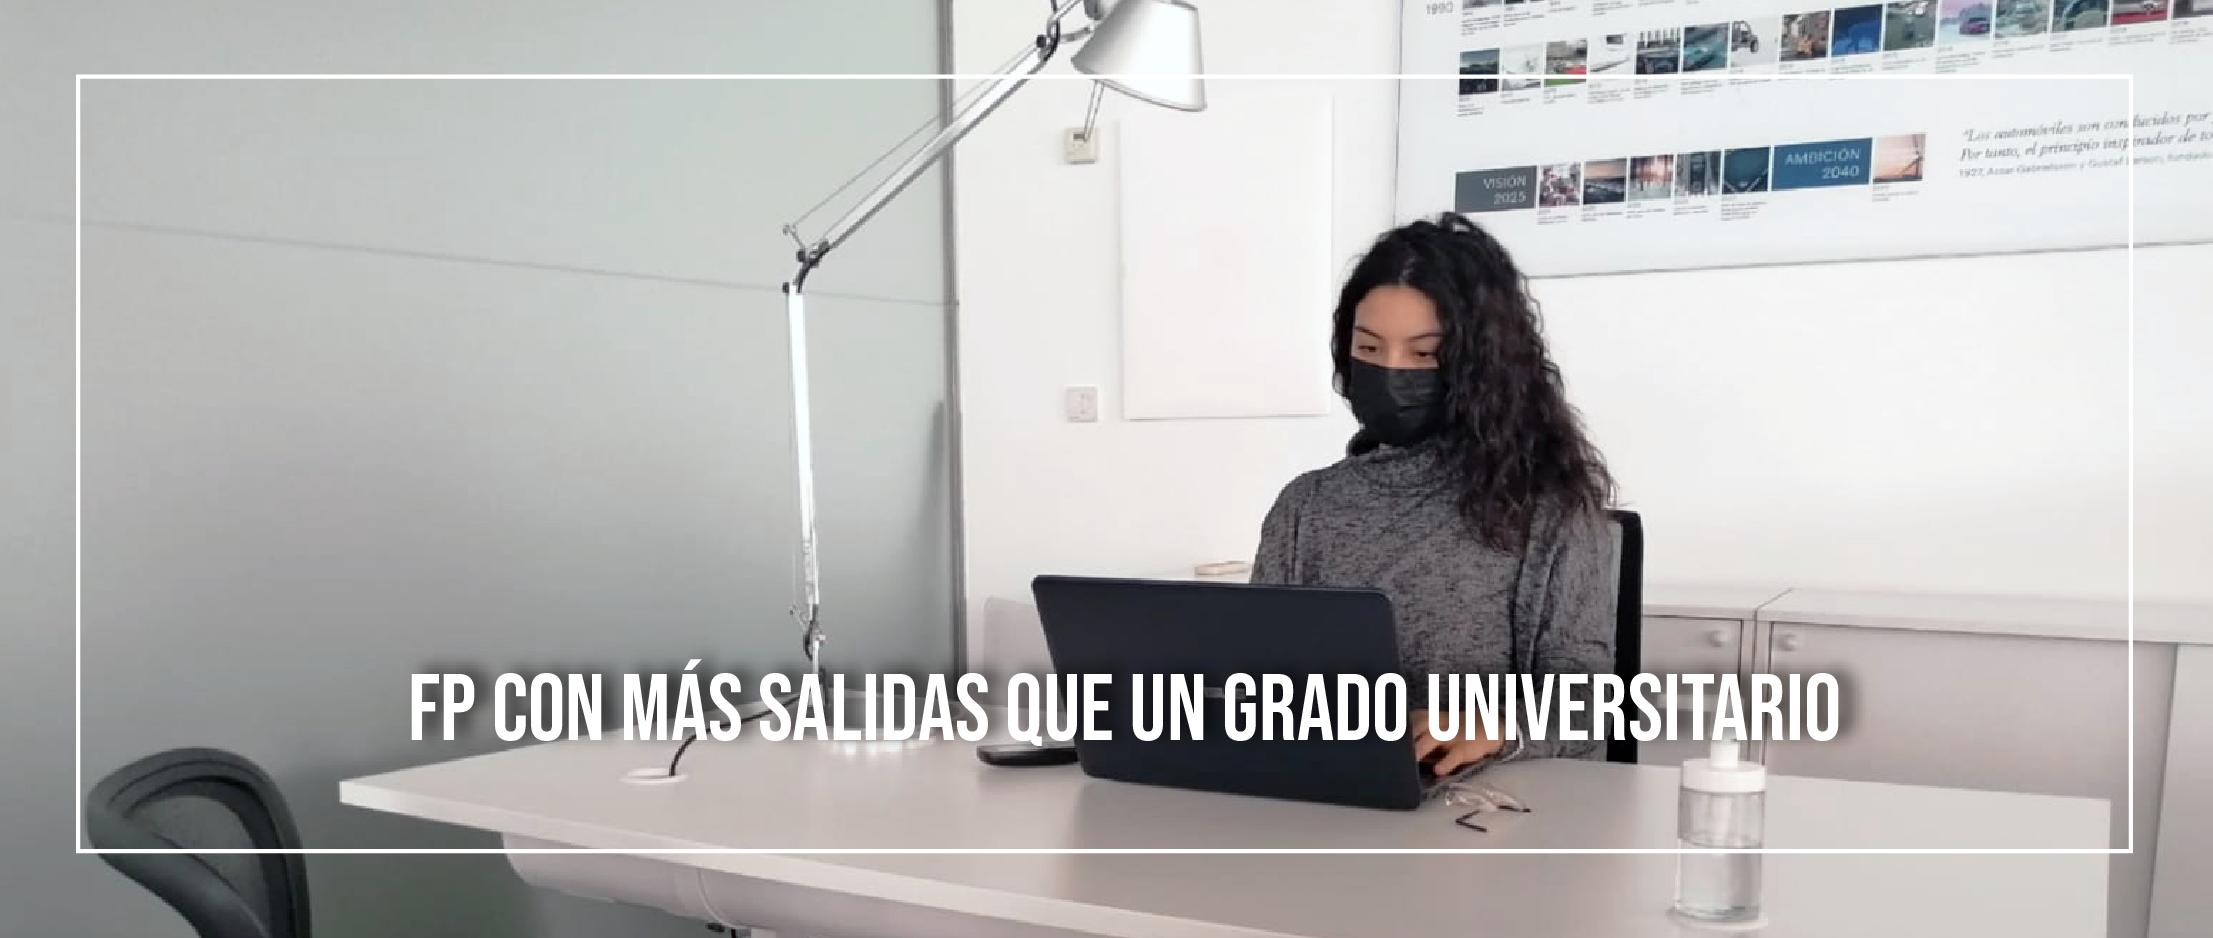 La FP cuenta con más salidas que un Grado Universitario